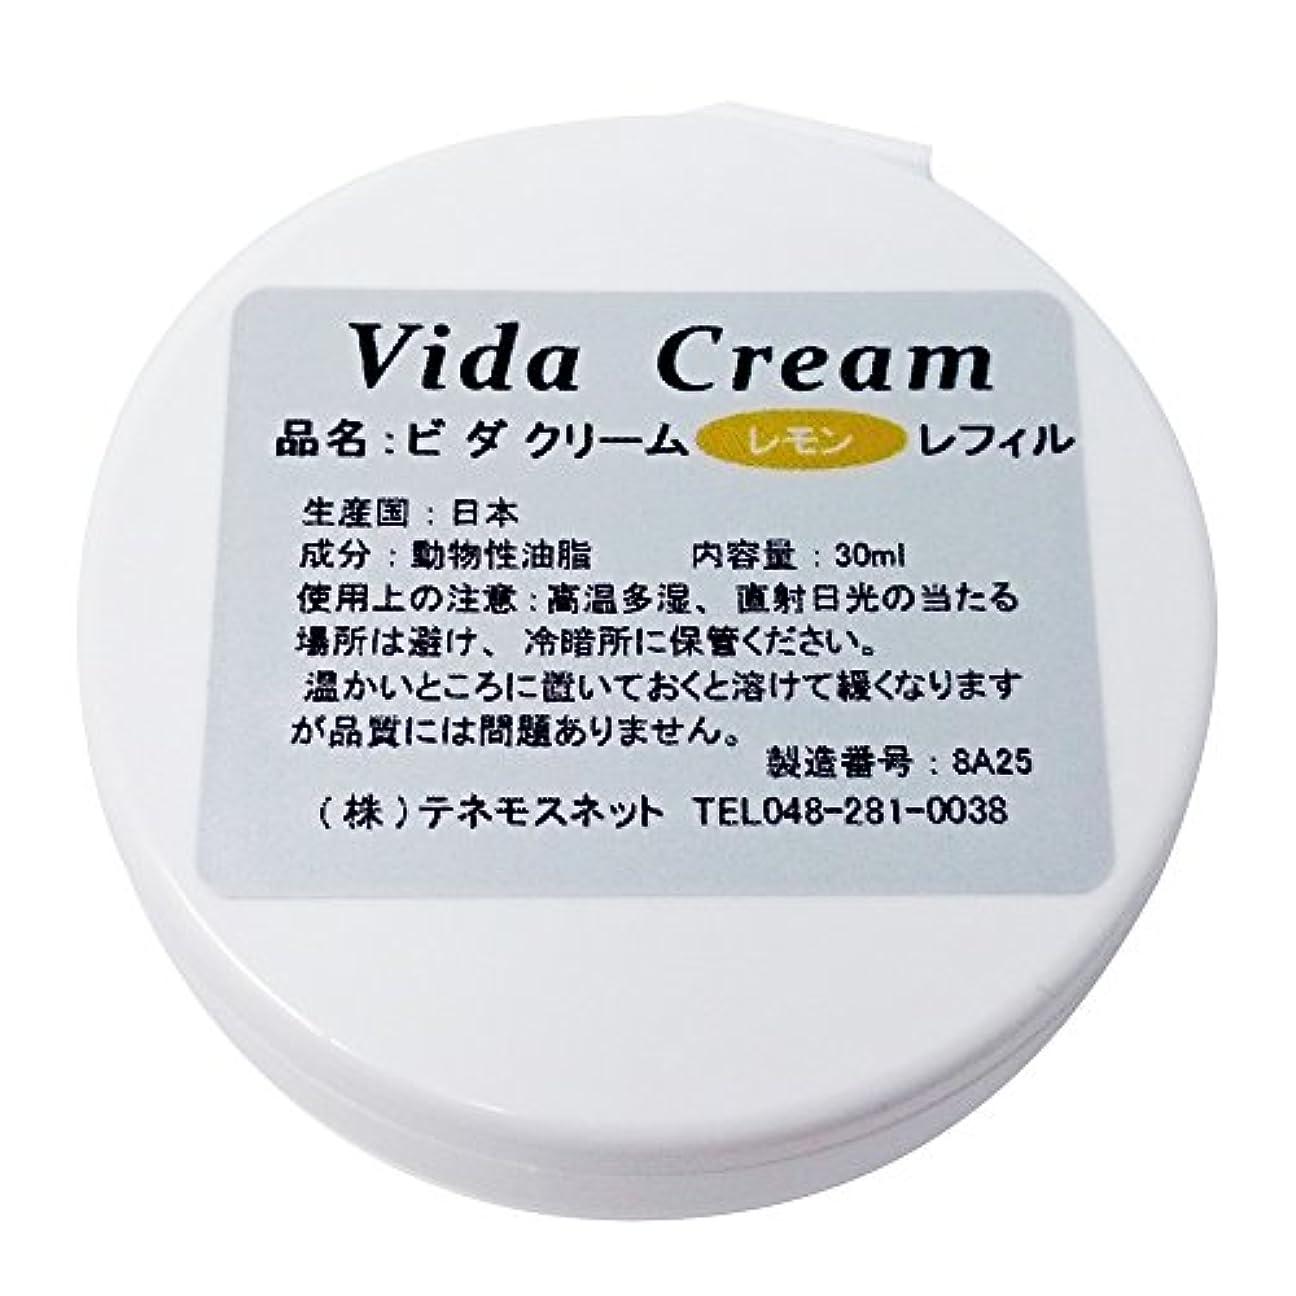 シーズン香り受益者テネモス ビダクリーム Vida Cream ほのかレモン レフィル 付替用 30ml